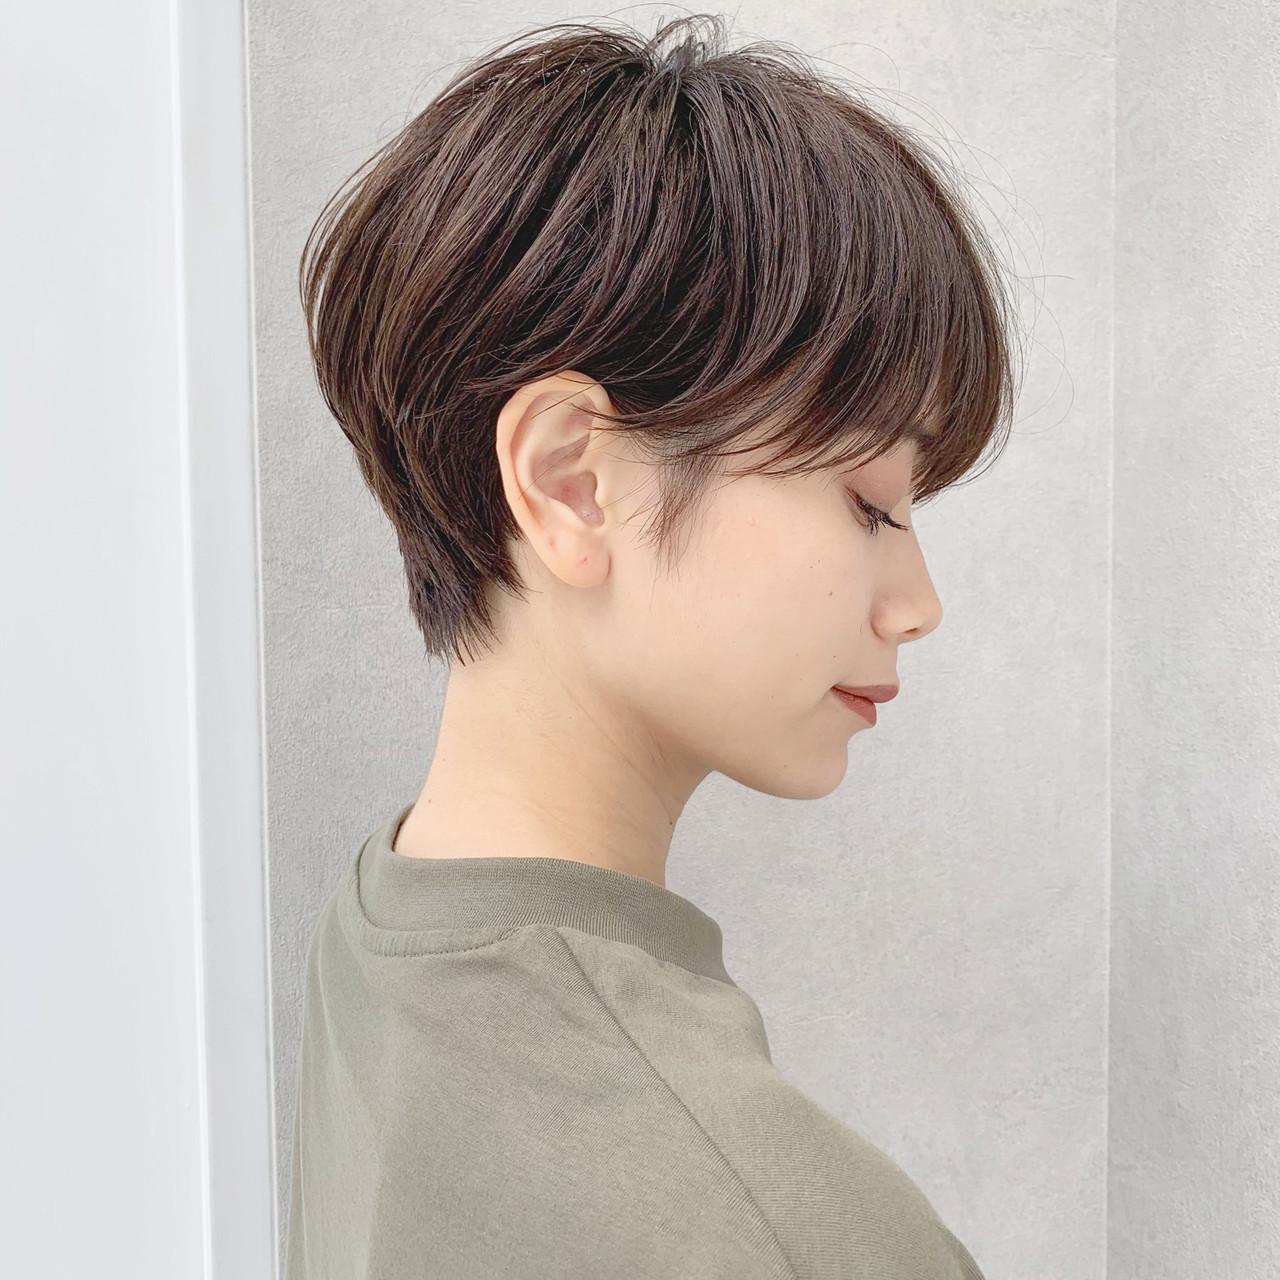 オフィス ショート パーマ デート ヘアスタイルや髪型の写真・画像 | ショートヘア美容師 #ナカイヒロキ / 『send by HAIR』